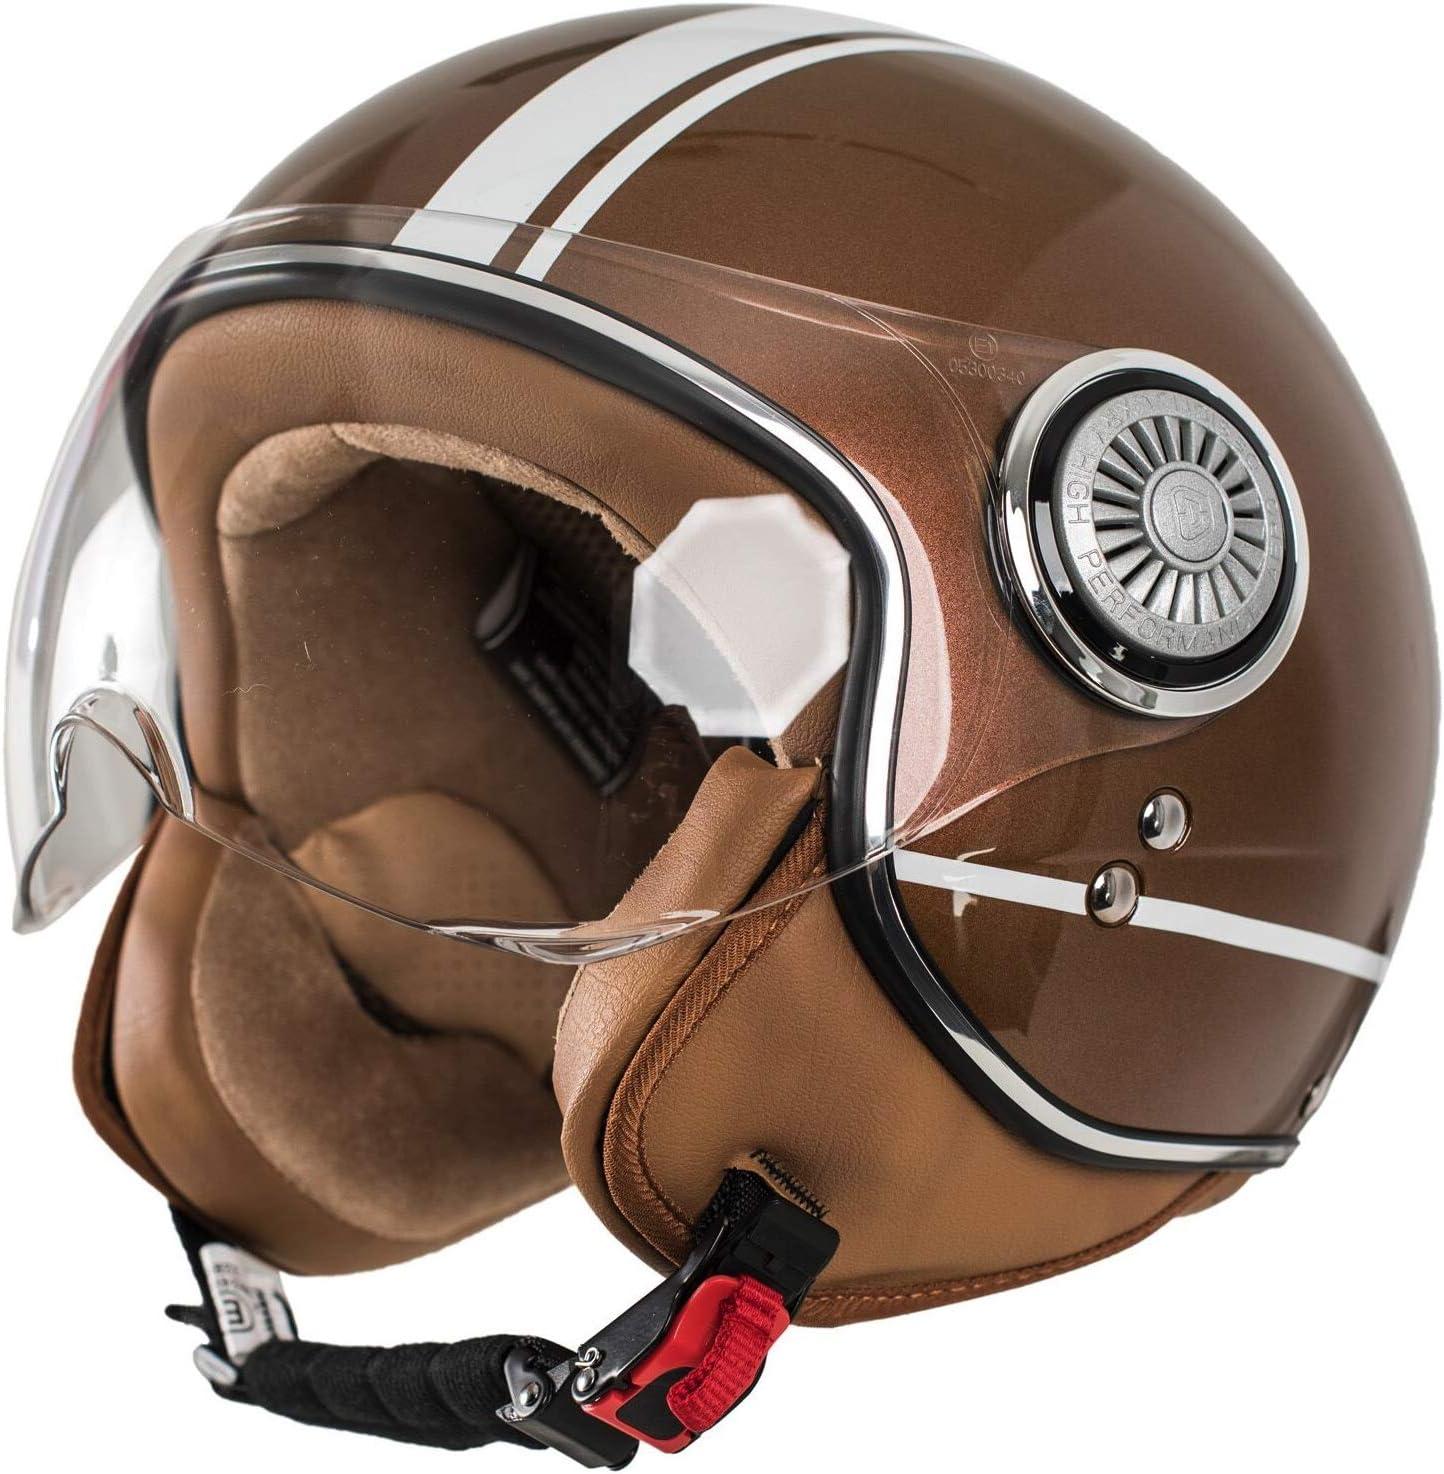 braun MONACO Jet-Helm mit Visier Roller-Helm f/ür Frauen und Herren im Vintage-Look Qualit/ät nach ECE-Norm Retro Pilot-Helm f/ür Brillen-Tr/äger Motorrad-Helm